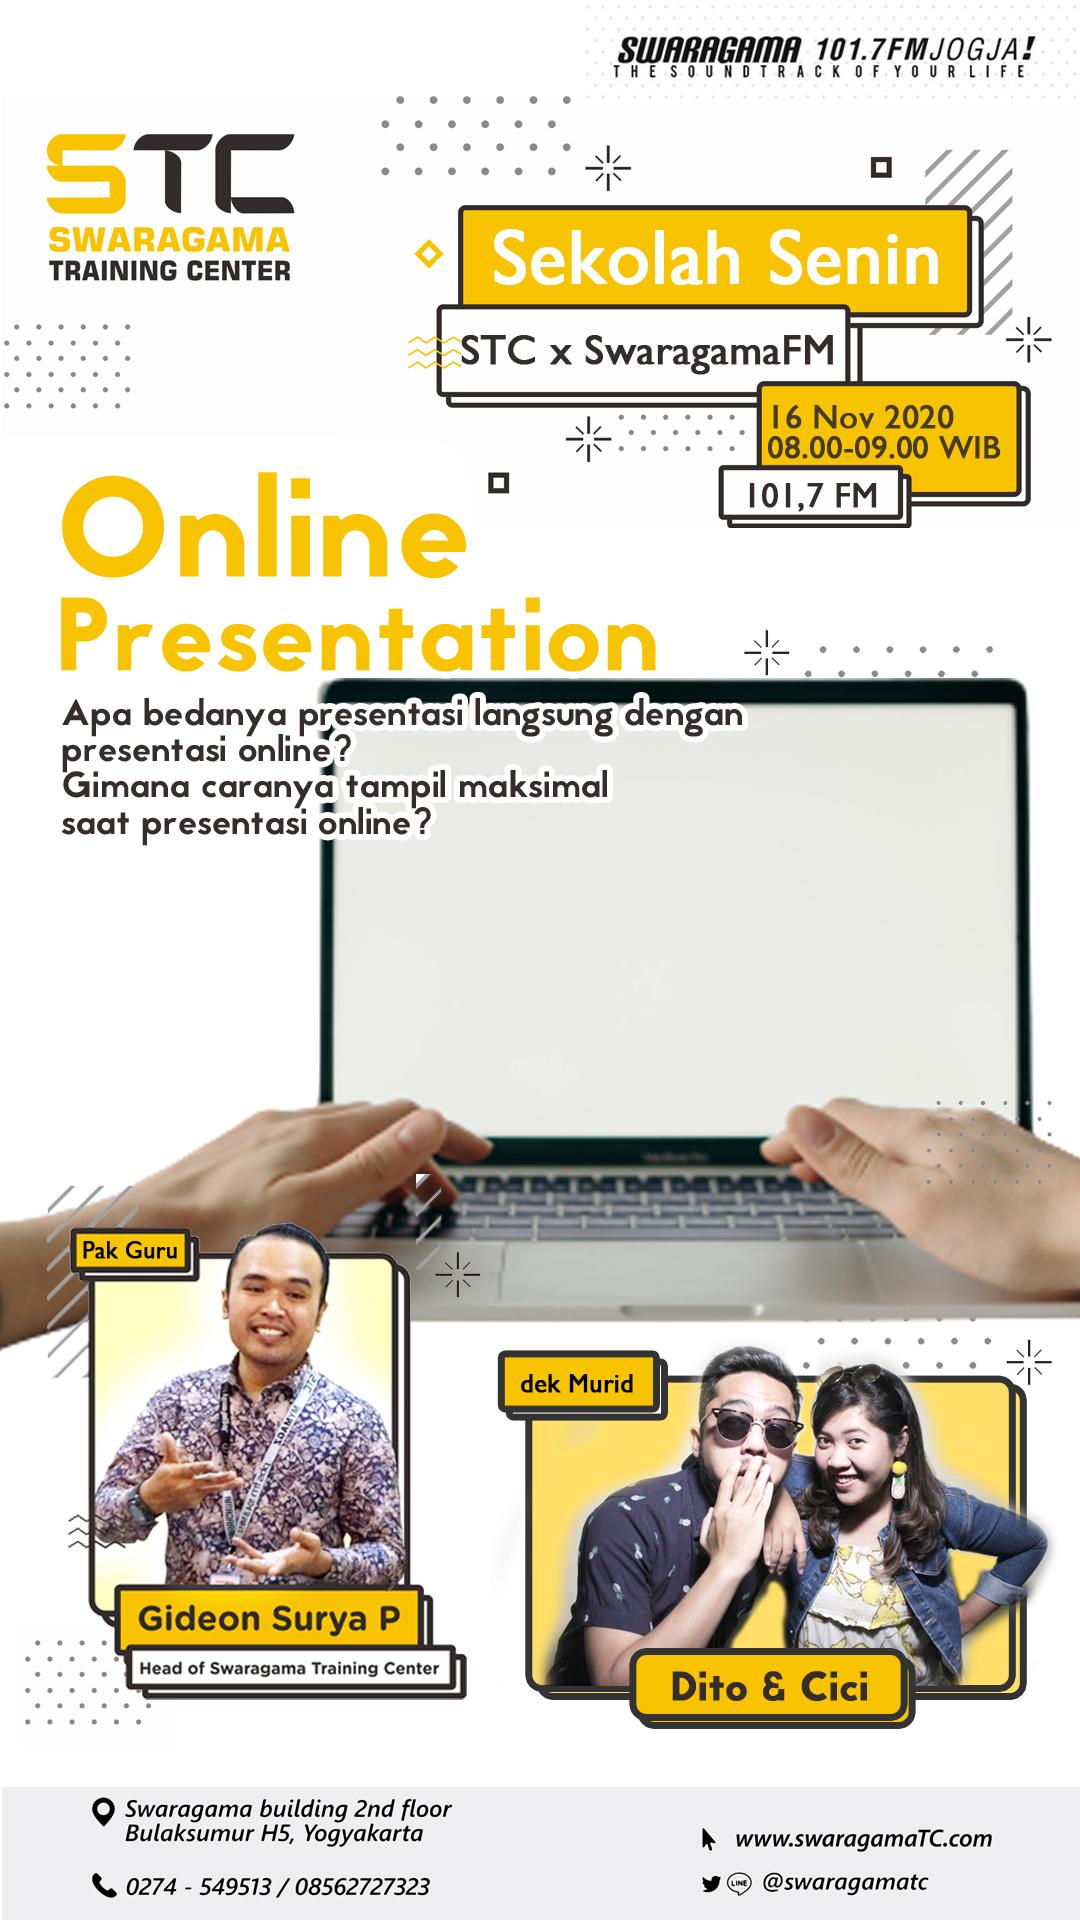 Online Presentation – Sekolah Senin 16 November 2020